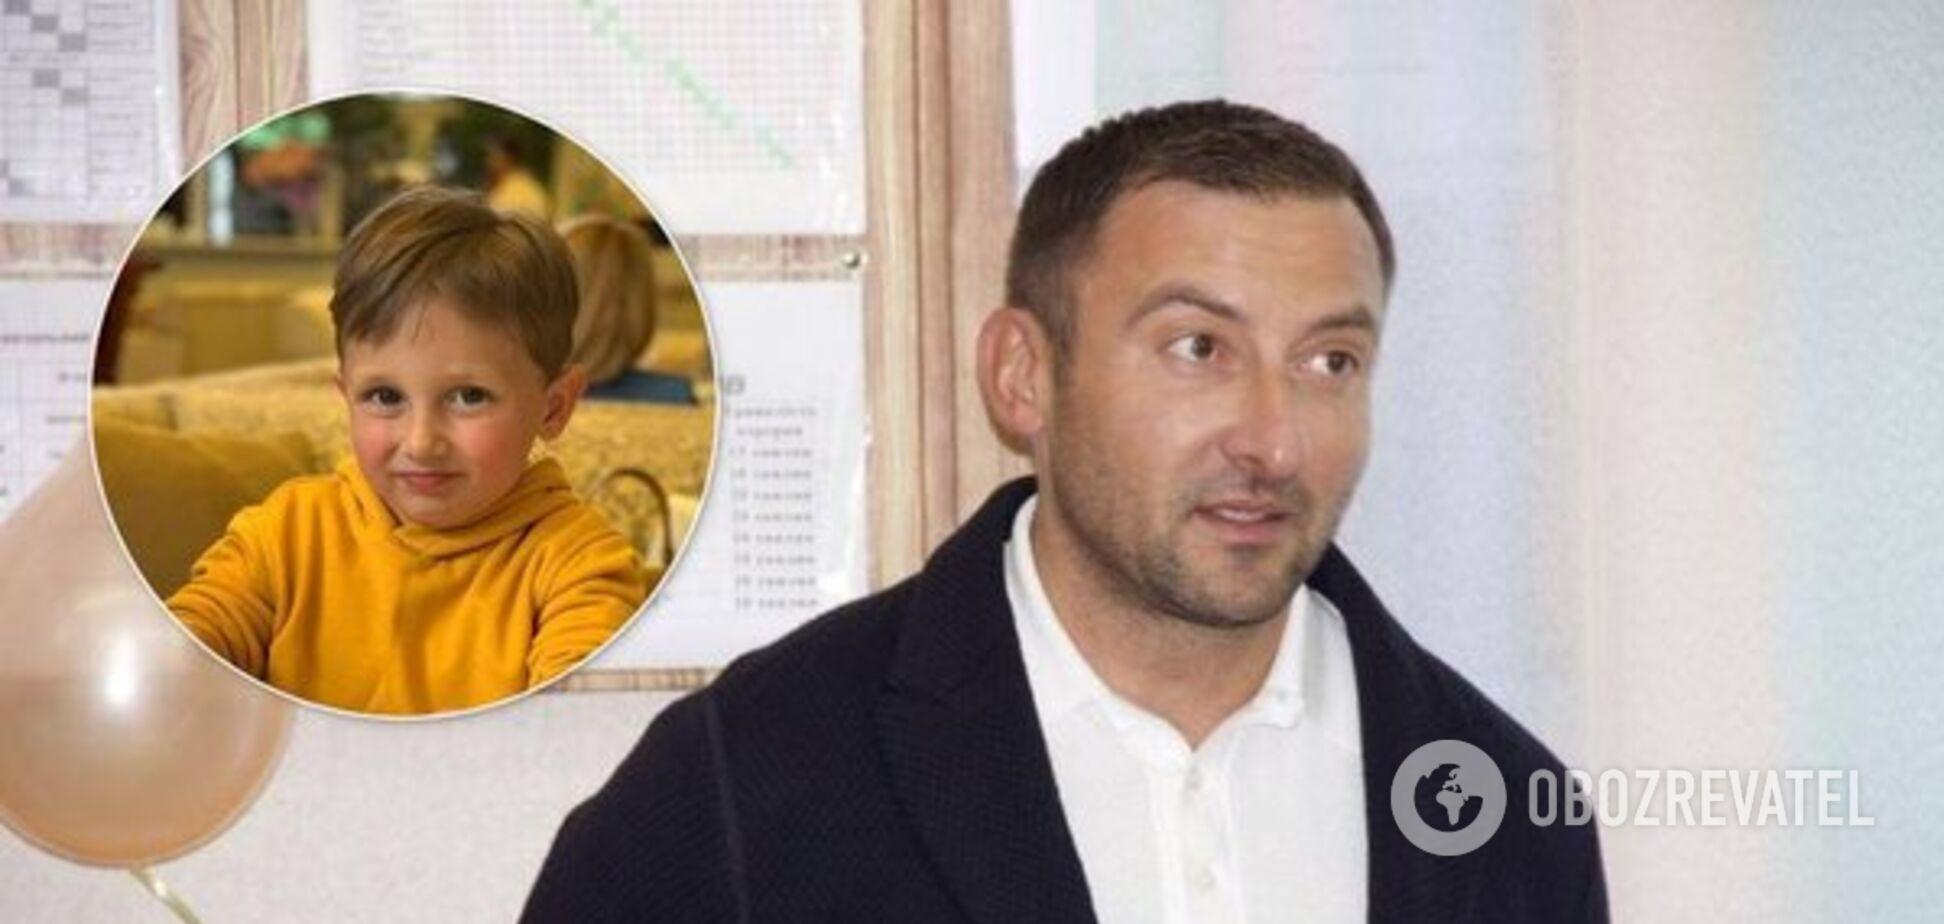 'У мене дитину вбили!' Депутат Соболєв озвучив нові обставини в справі про замах